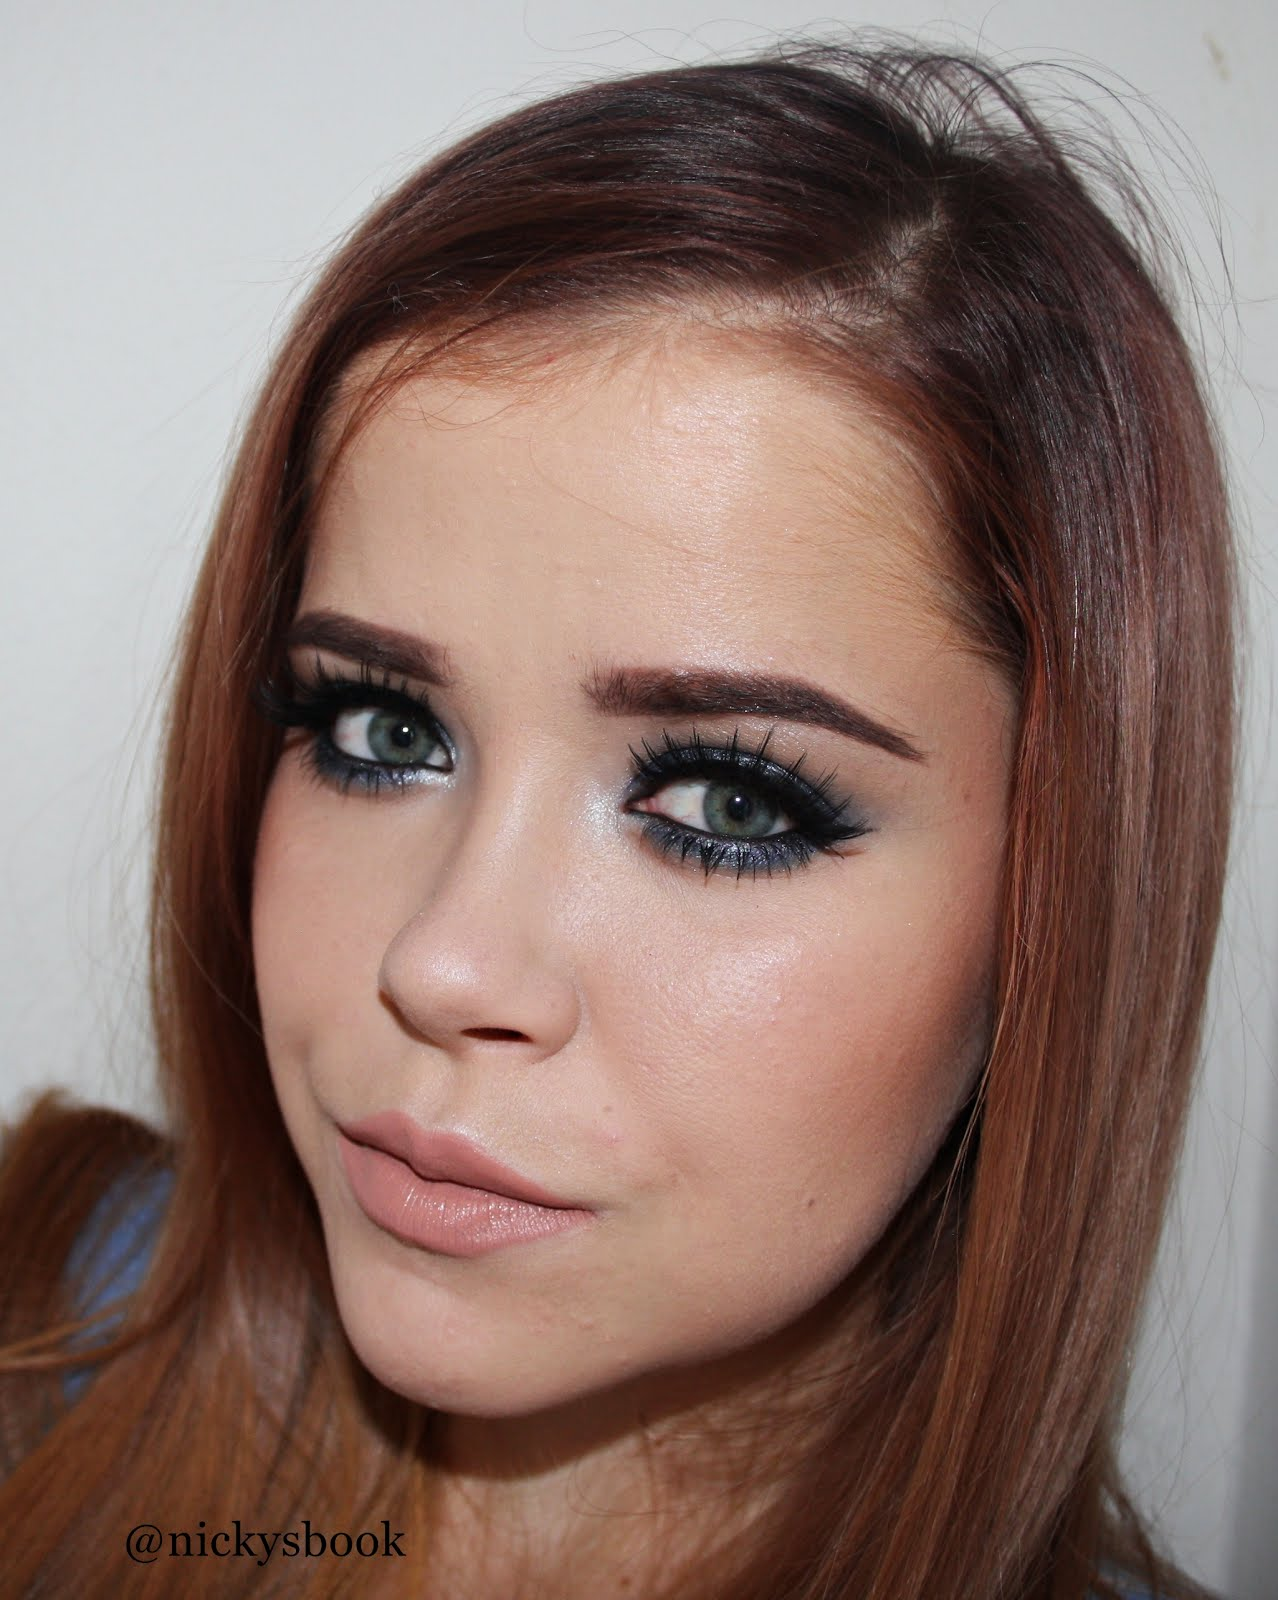 Vítej na mém blogu o kosmetice a líčení. Kontakt pro spolupráci: nikolamichalcik@gmail.com